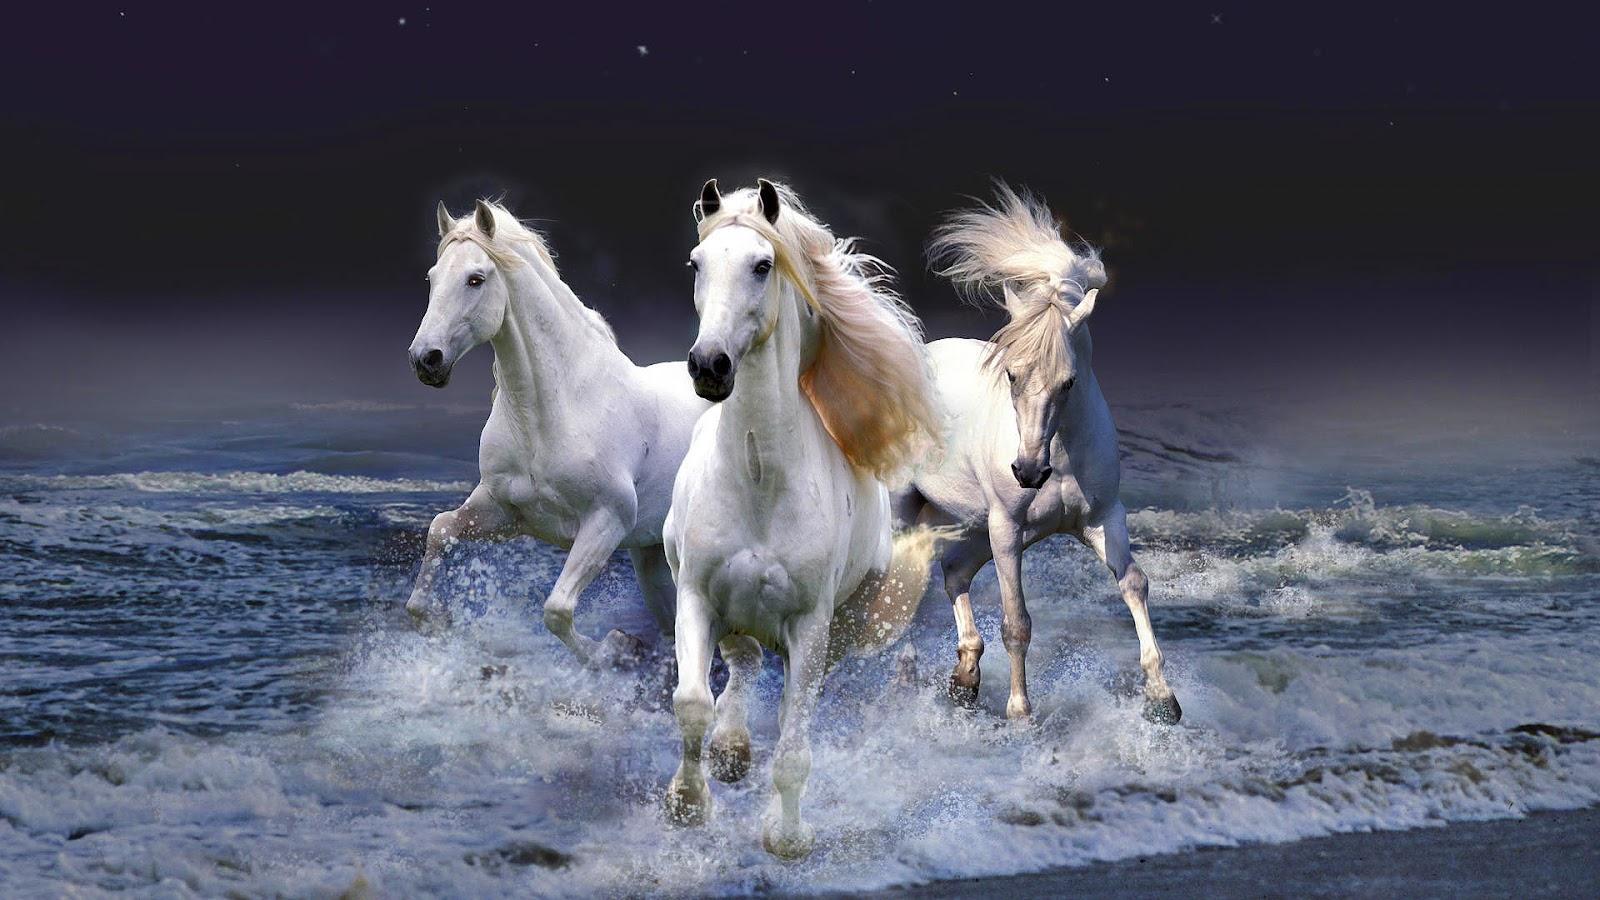 horses running wallpaper